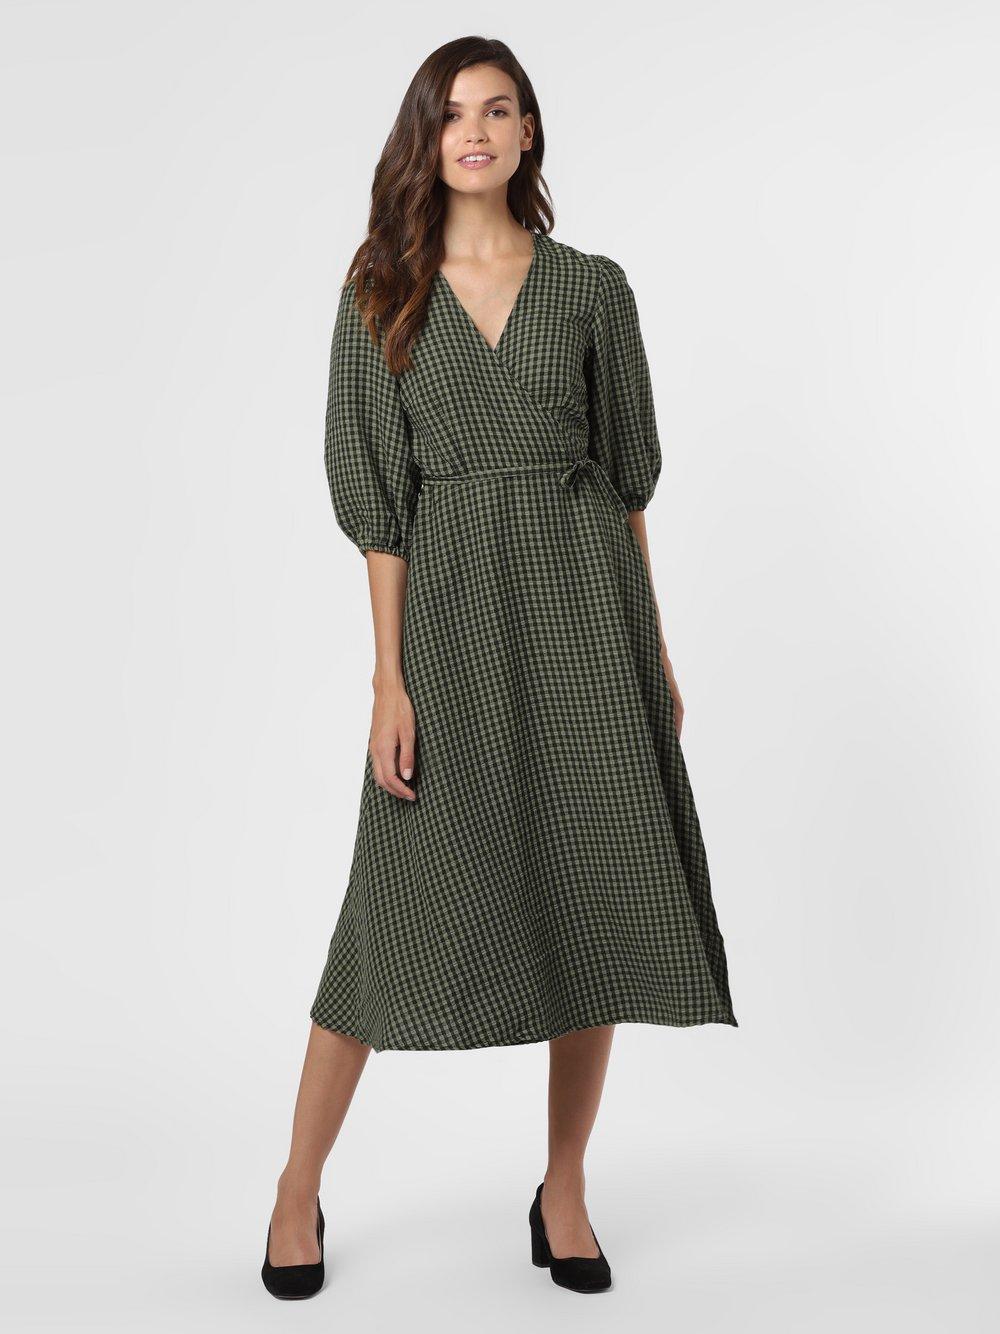 Minimum – Sukienka damska – Elmina, zielony Van Graaf 484375-0001